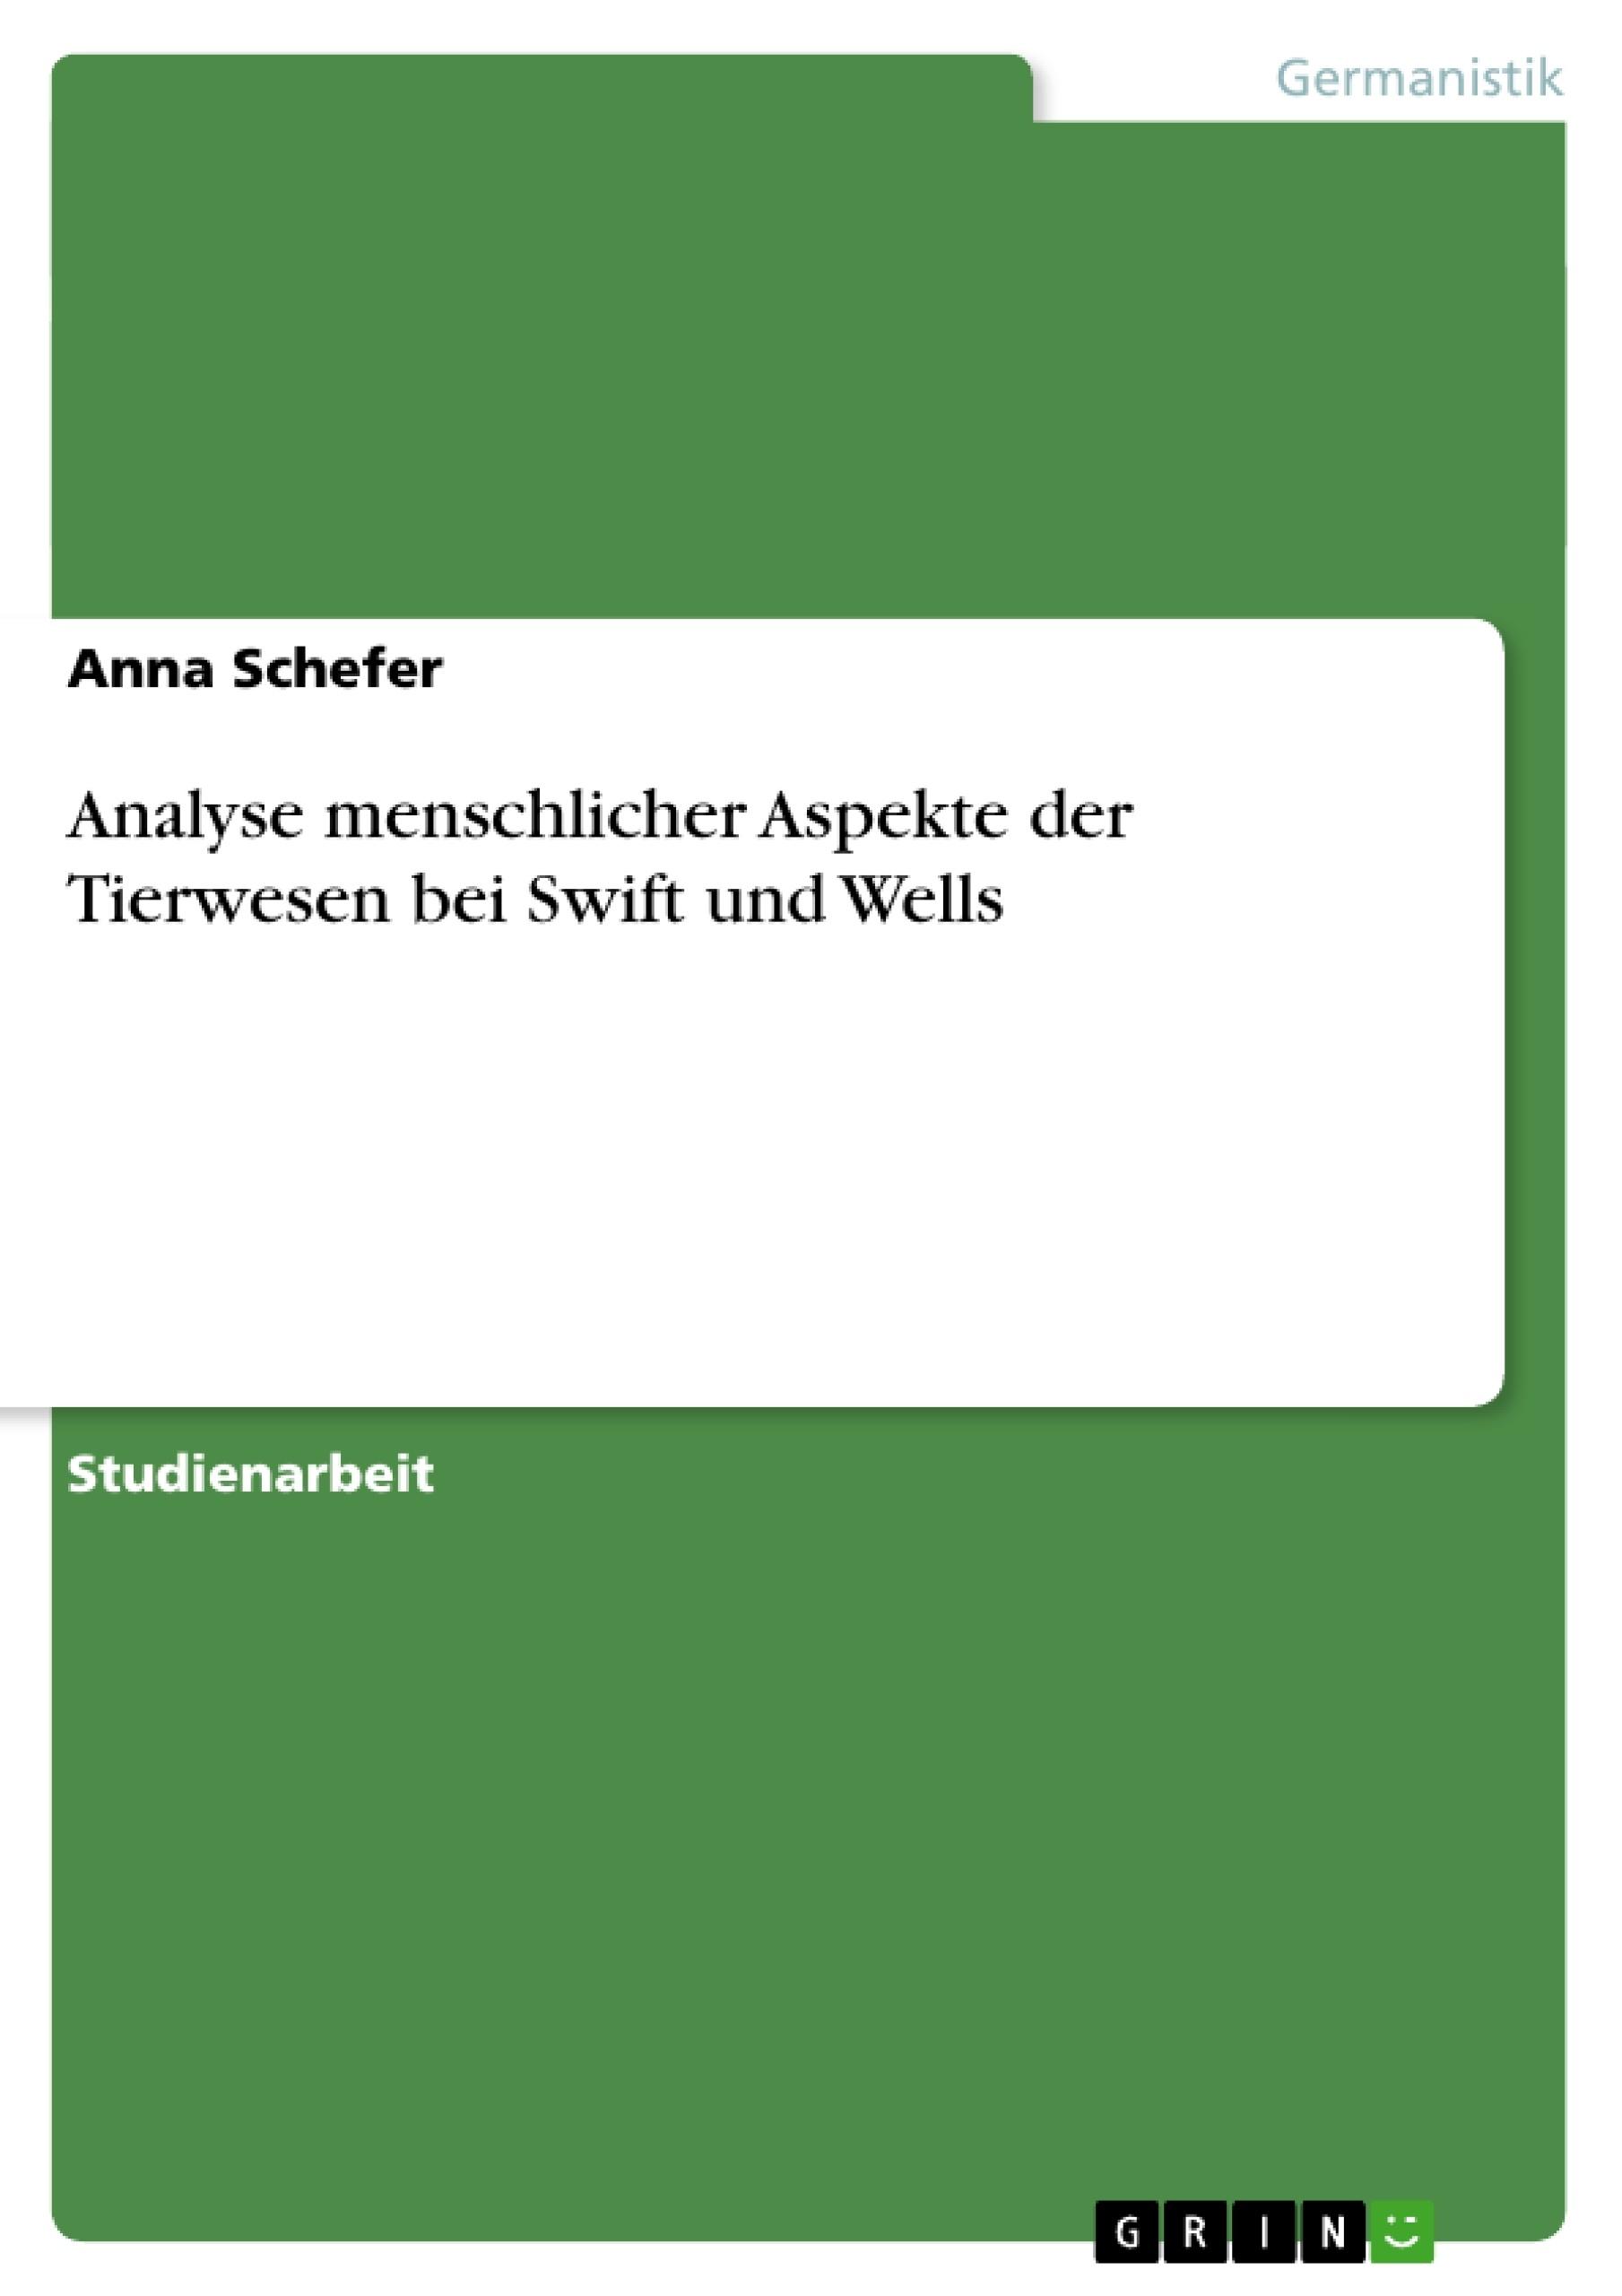 Titel: Analyse menschlicher Aspekte der Tierwesen bei Swift und Wells